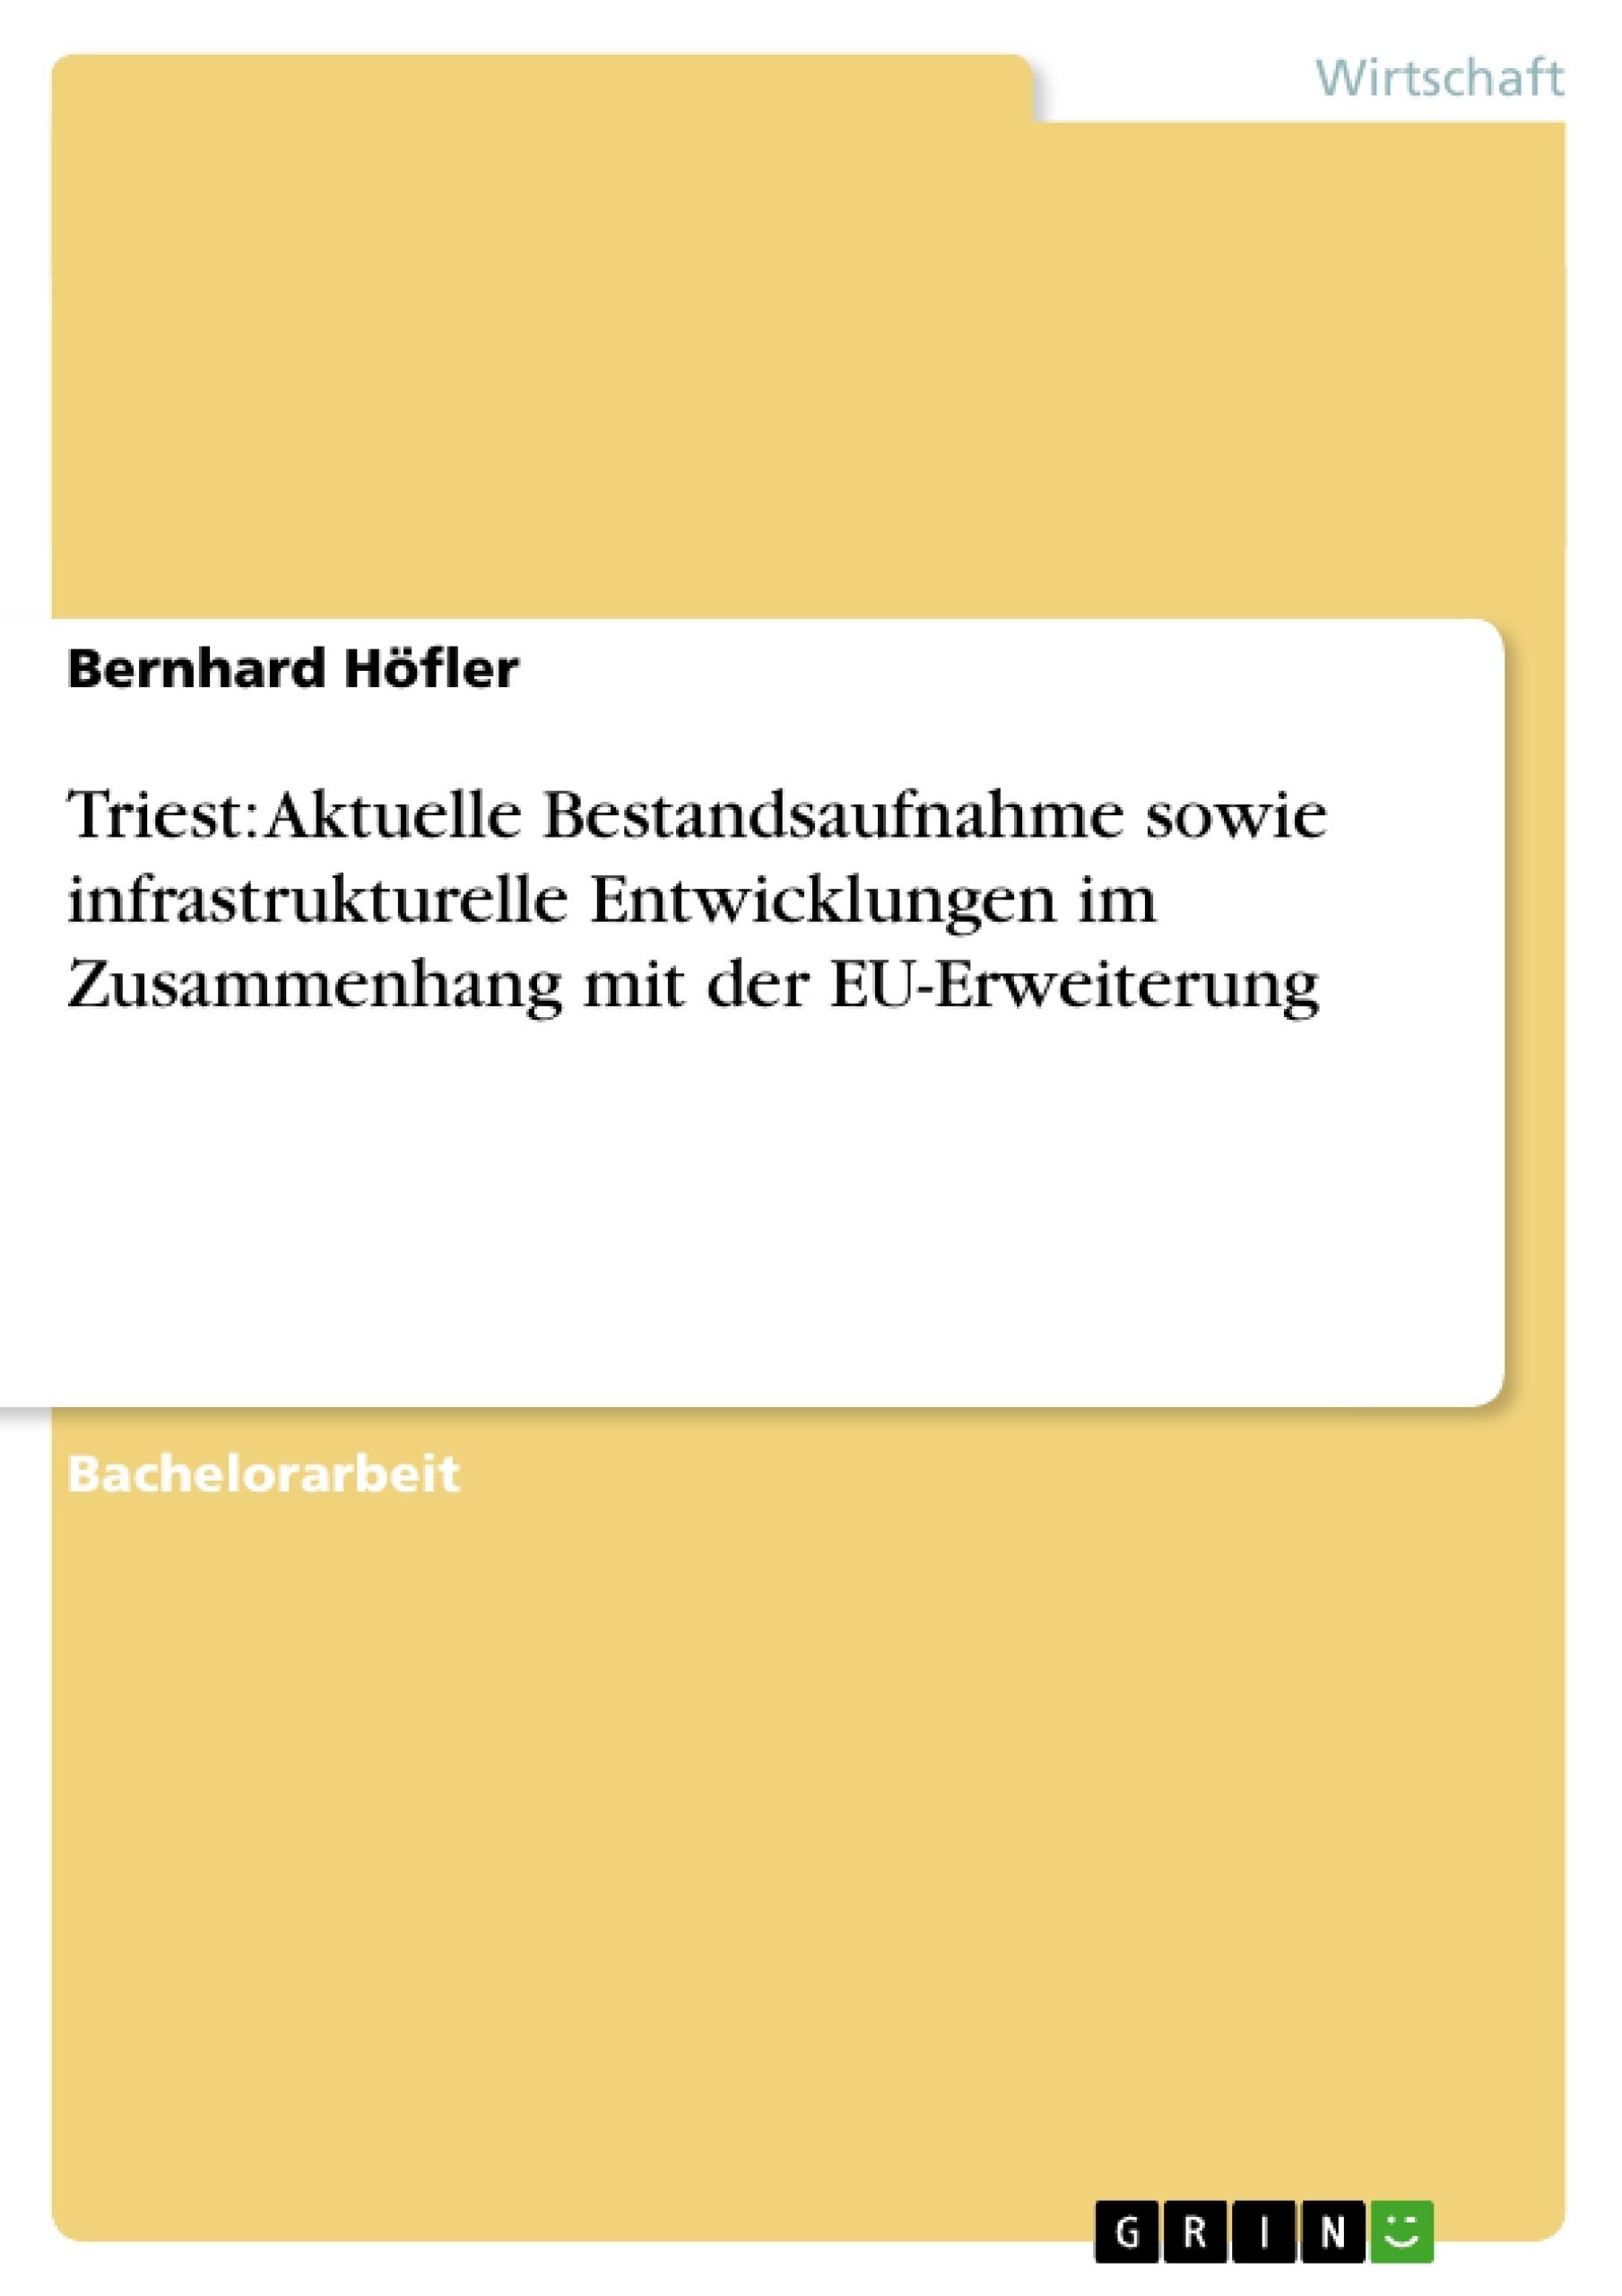 Titel: Triest: Aktuelle Bestandsaufnahme sowie infrastrukturelle Entwicklungen im Zusammenhang mit der EU-Erweiterung